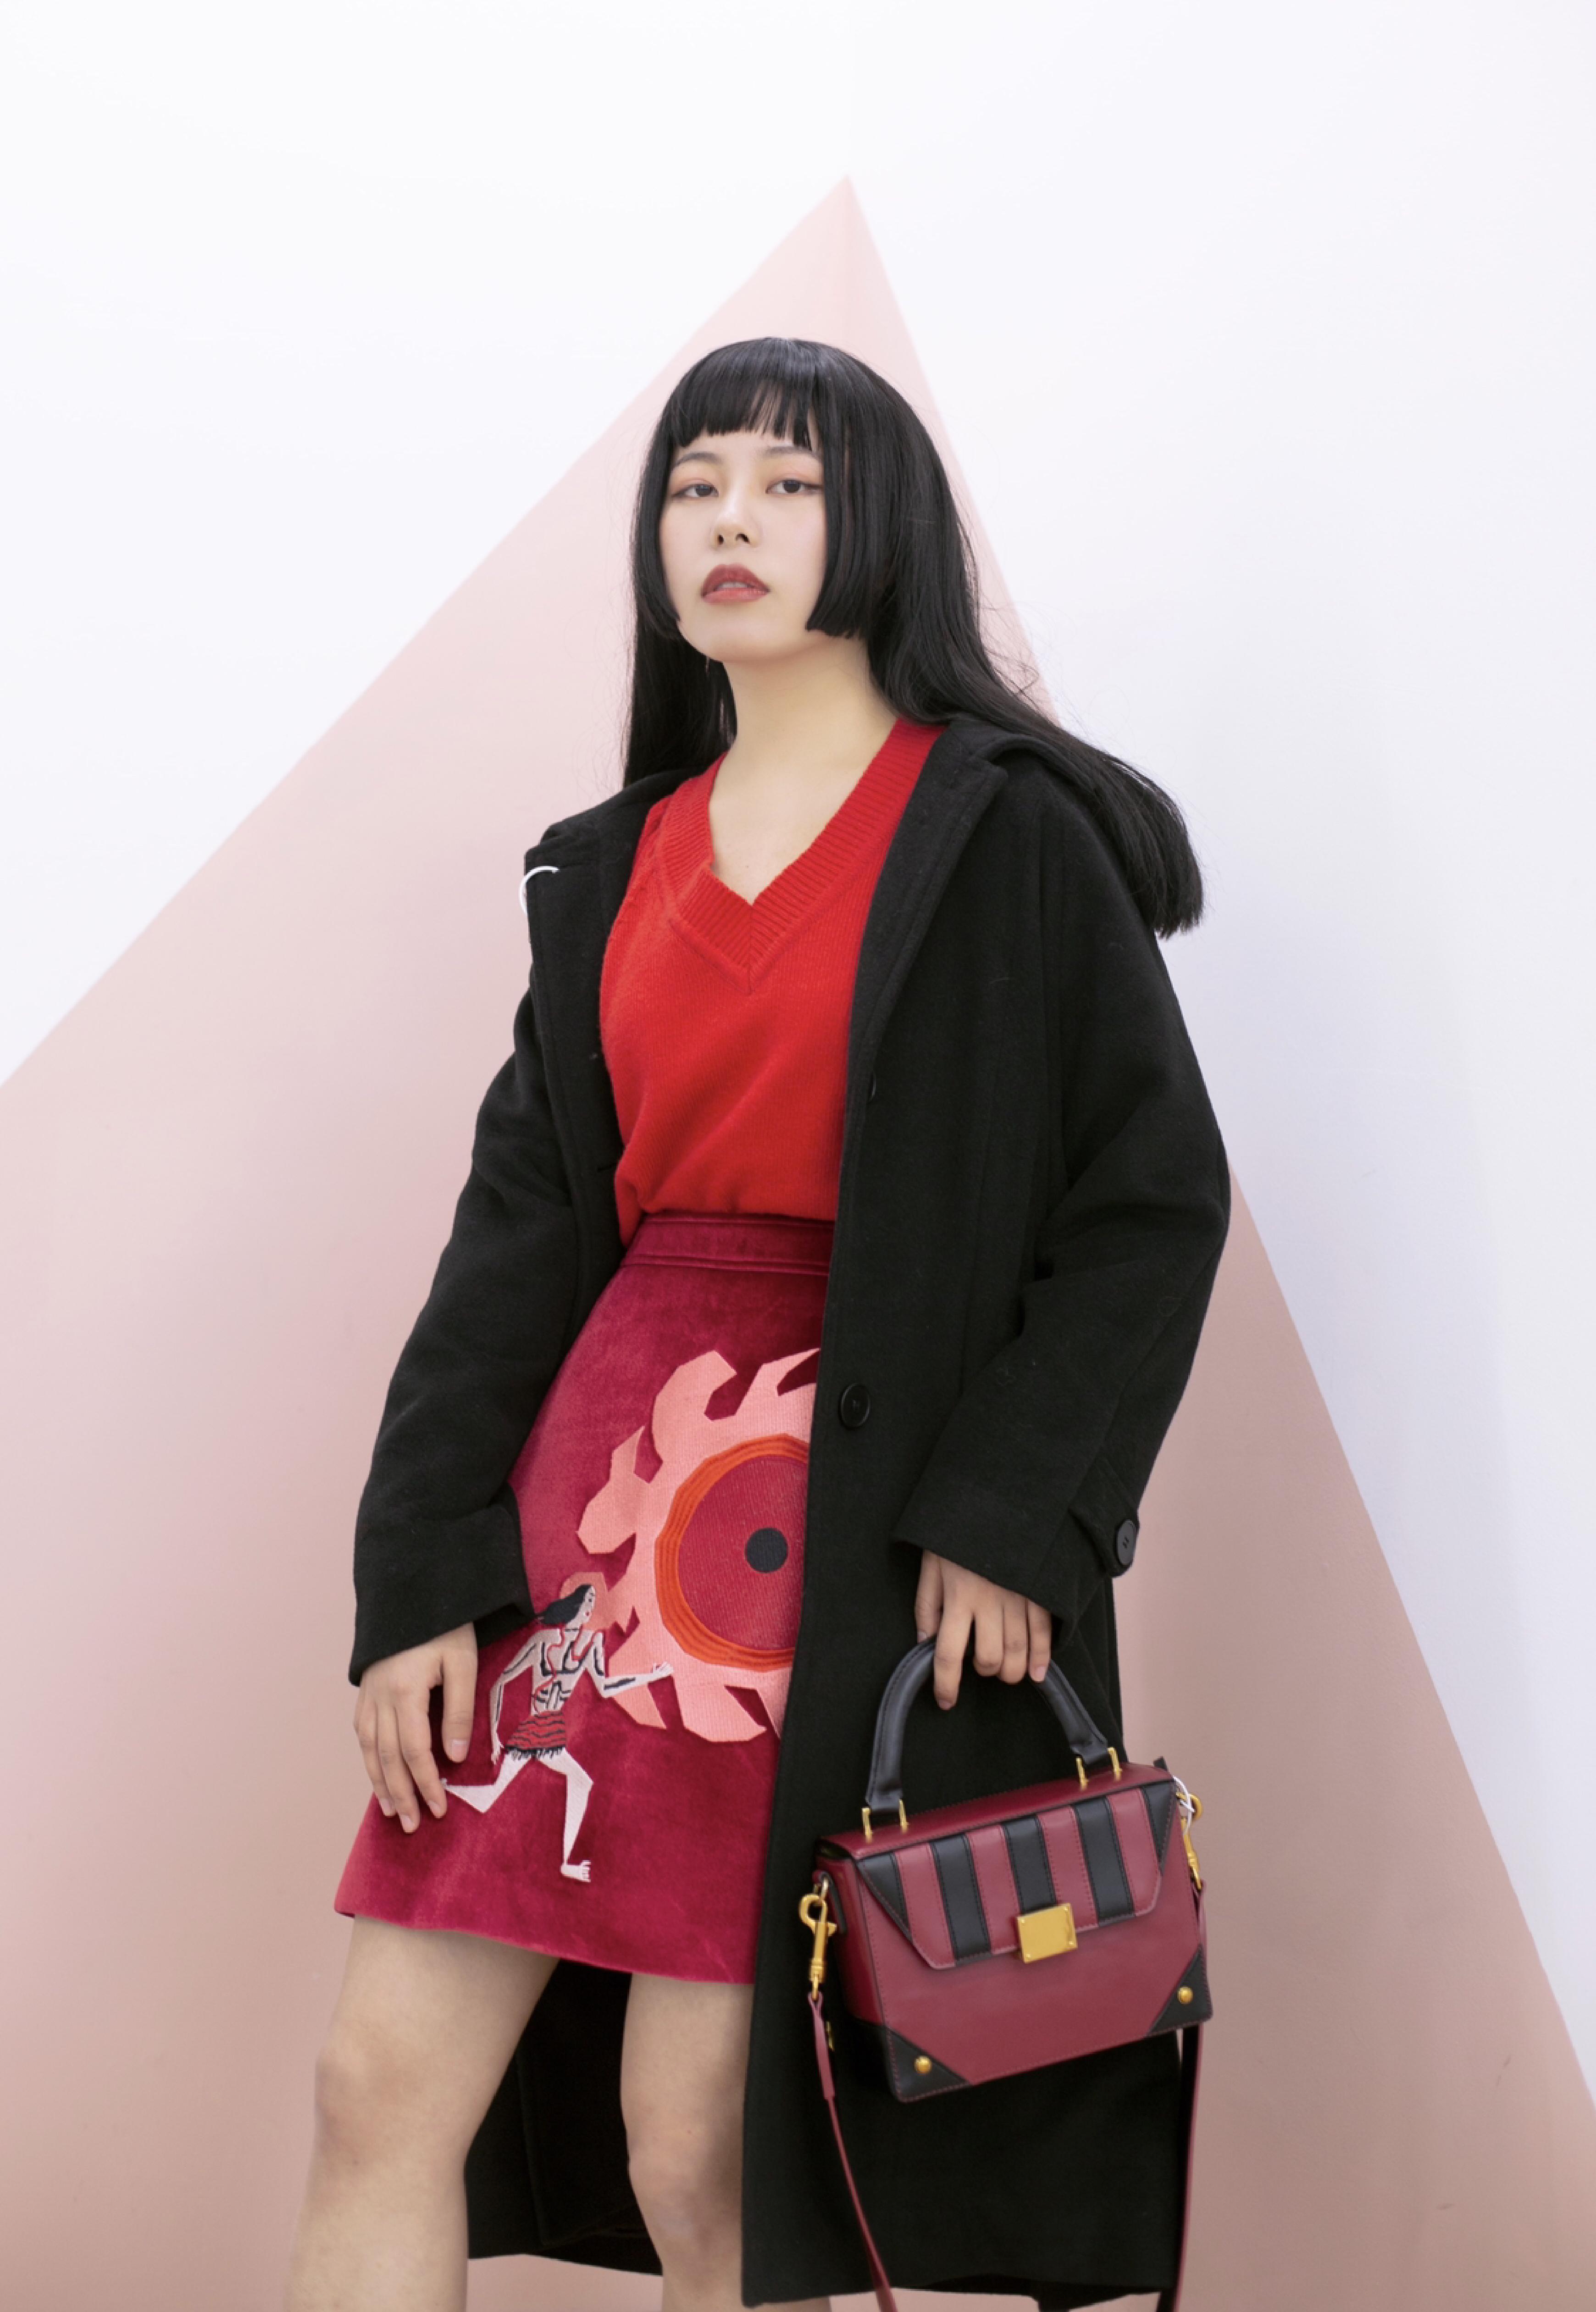 霸气又明媚的红黑色穿搭🔴⚫️ 🔴里面我搭了一身红色,红色的v领毛衣➕红色刺绣短裙,这条红色短裙太有设计感,上面的刺绣是夸父追日,表达着对光明的向往,很有寓意的一件裙子了! ⚫️外套是帅气不出错的黑色大衣,均衡了红色的张扬~廓形感很酷,冬日必备大衣系列~ 🔴最后搭一双暗红色的中筒袜,一双黑色透明拼接短靴,一只黑红相间包,都在呼应整体的穿搭,nice~ ▪️毛衣:The Season Flower ▪️外套:三巷自制 ▪️短裙:MINNANHUI ▪️短靴:ZARA  ▪️包包:JAYAL #和新交的男朋友约会,这周怎么穿?#